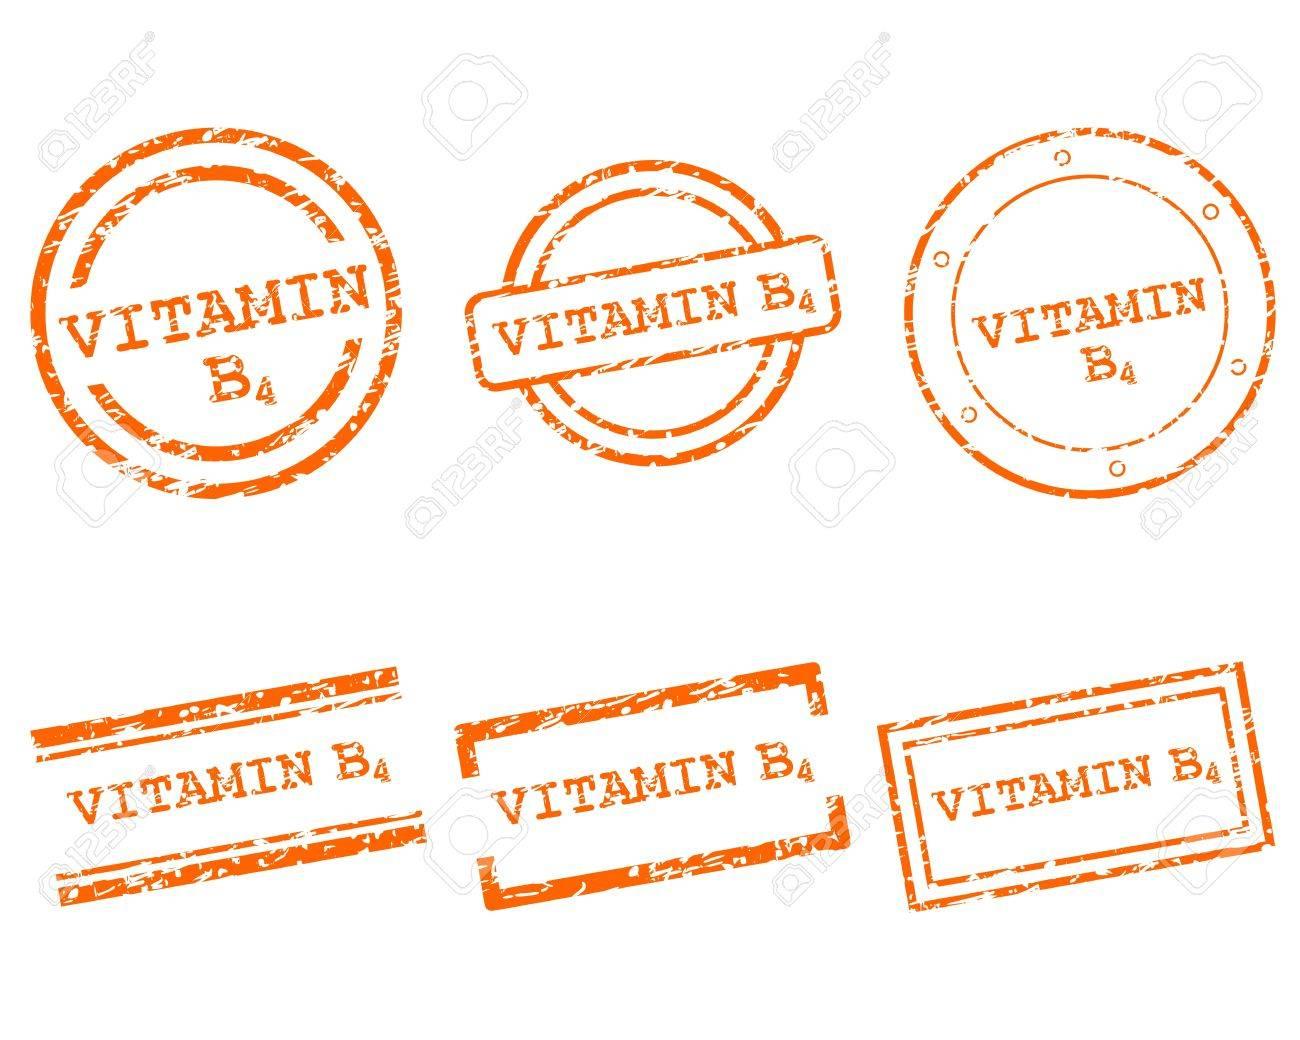 Vitamin B4 stamps - 14906242